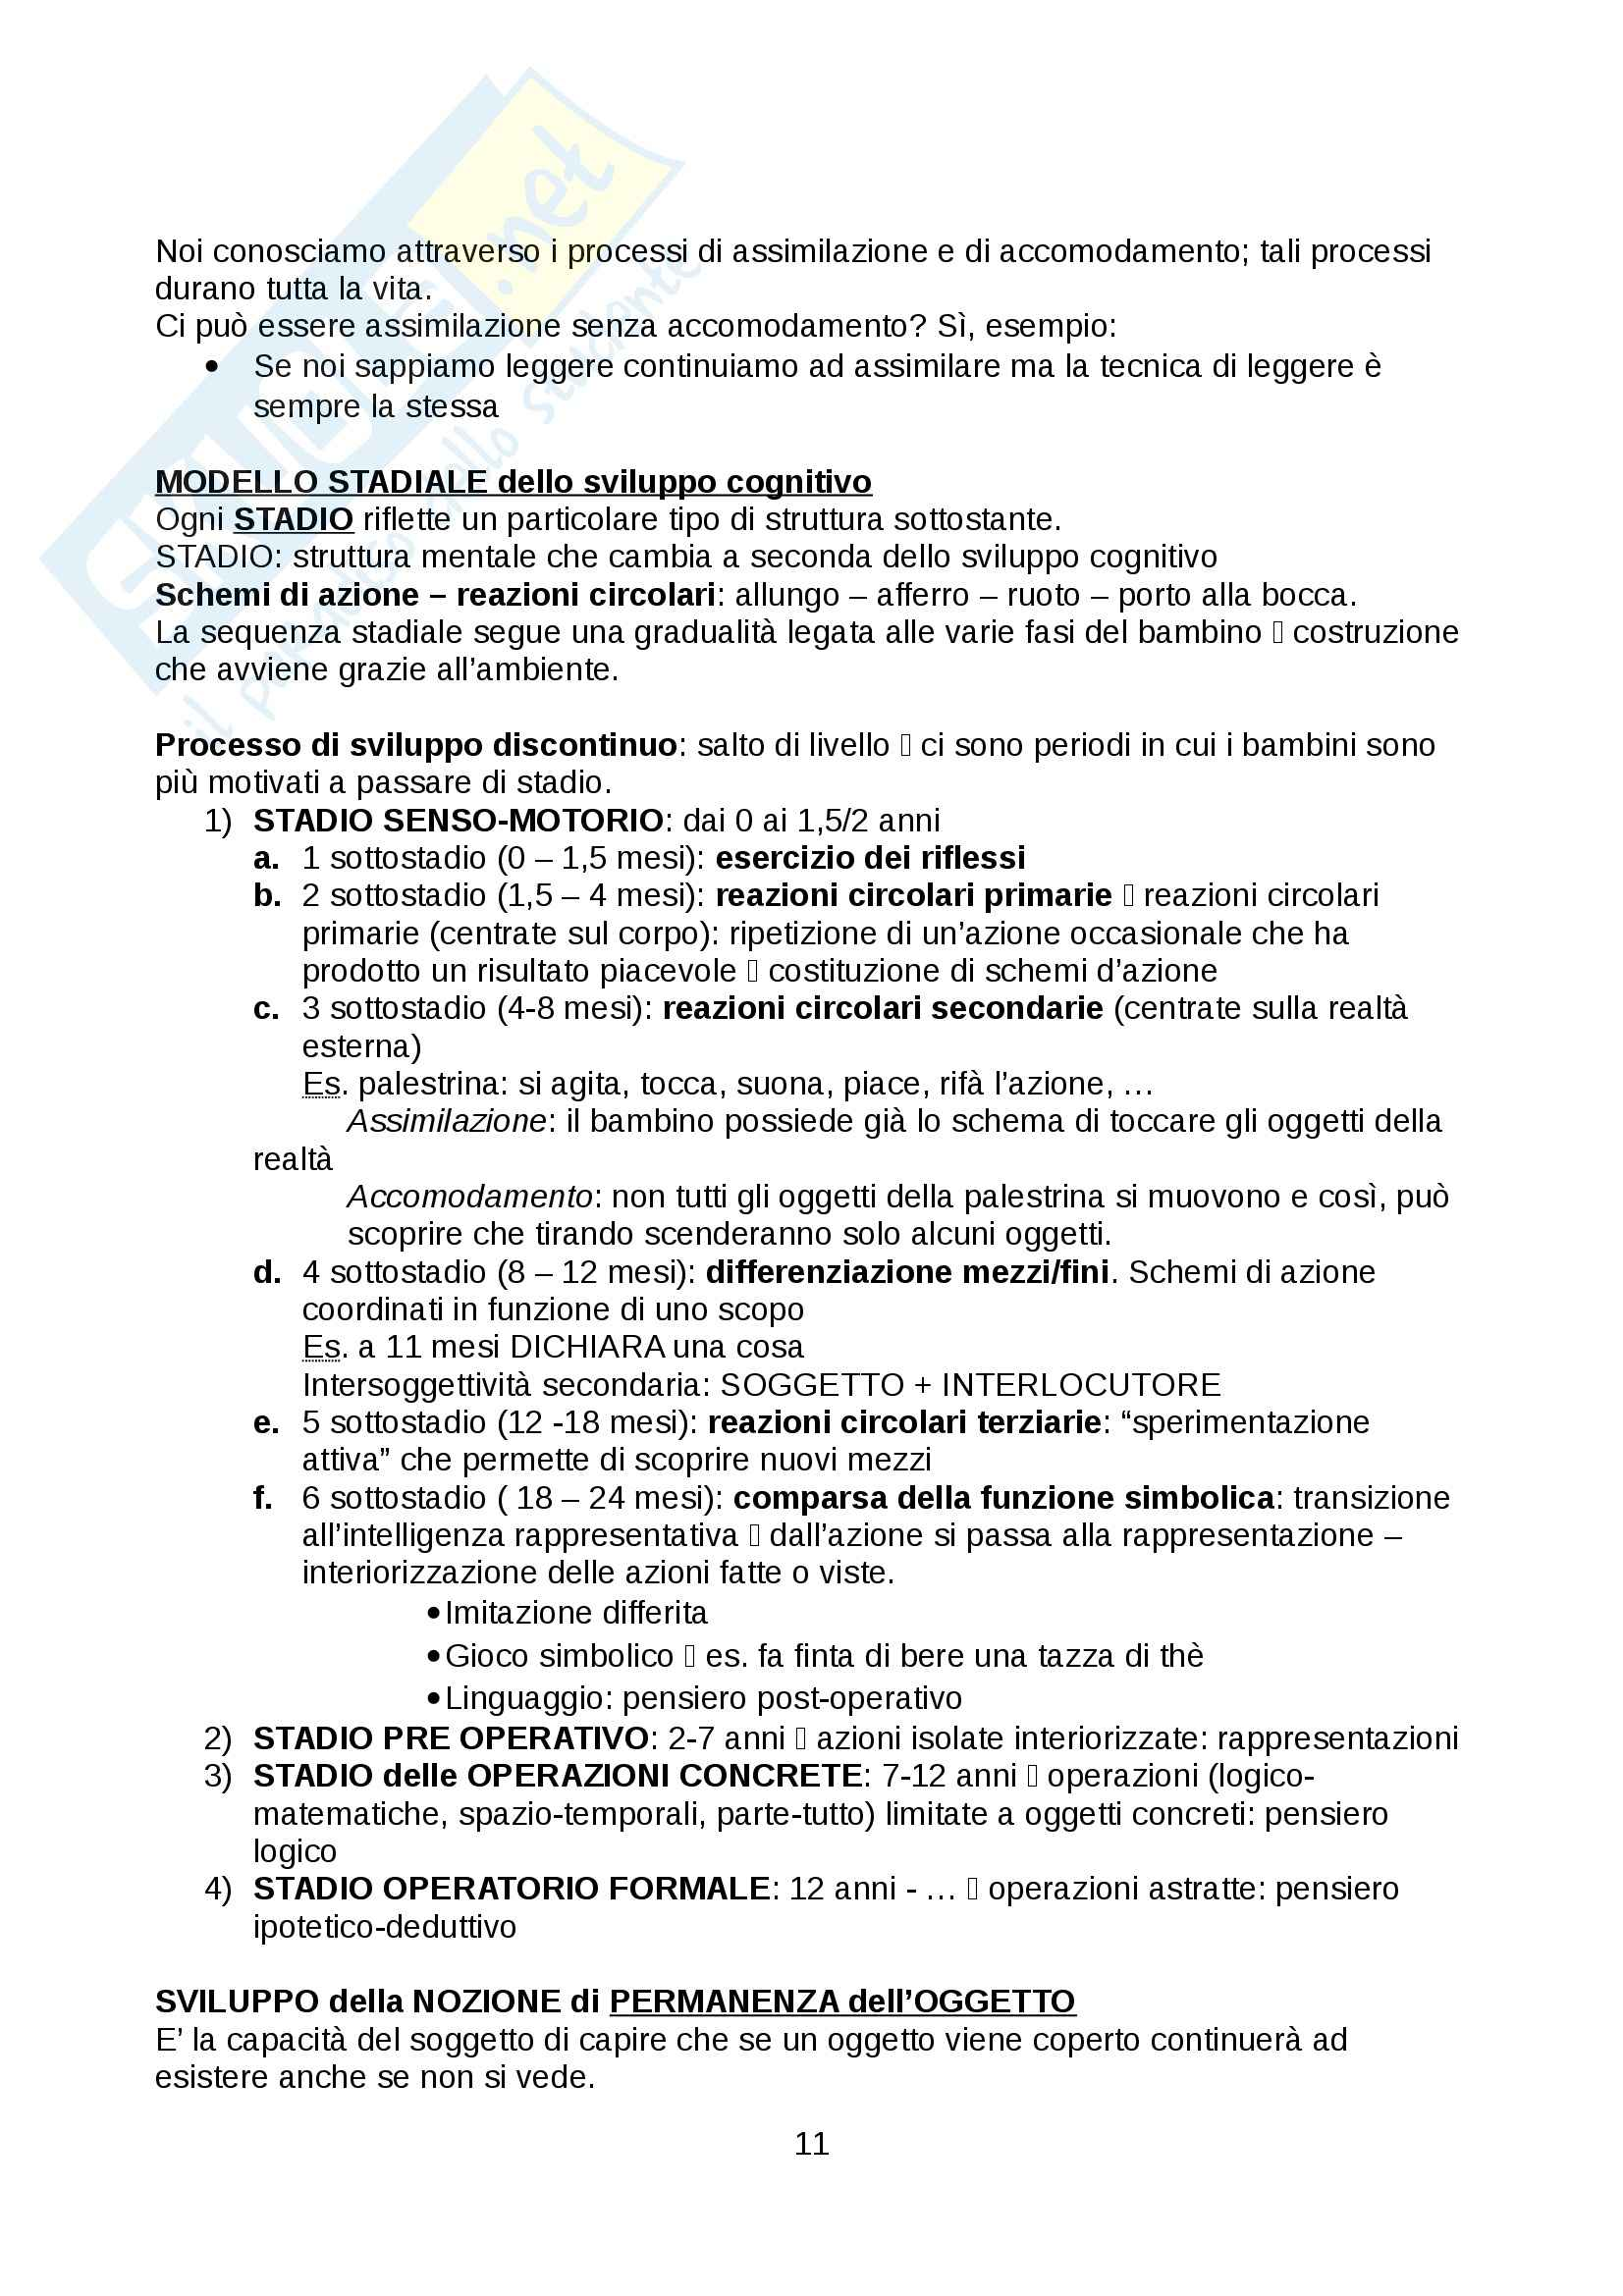 Psicologia dello sviluppo - Appunti Pag. 11